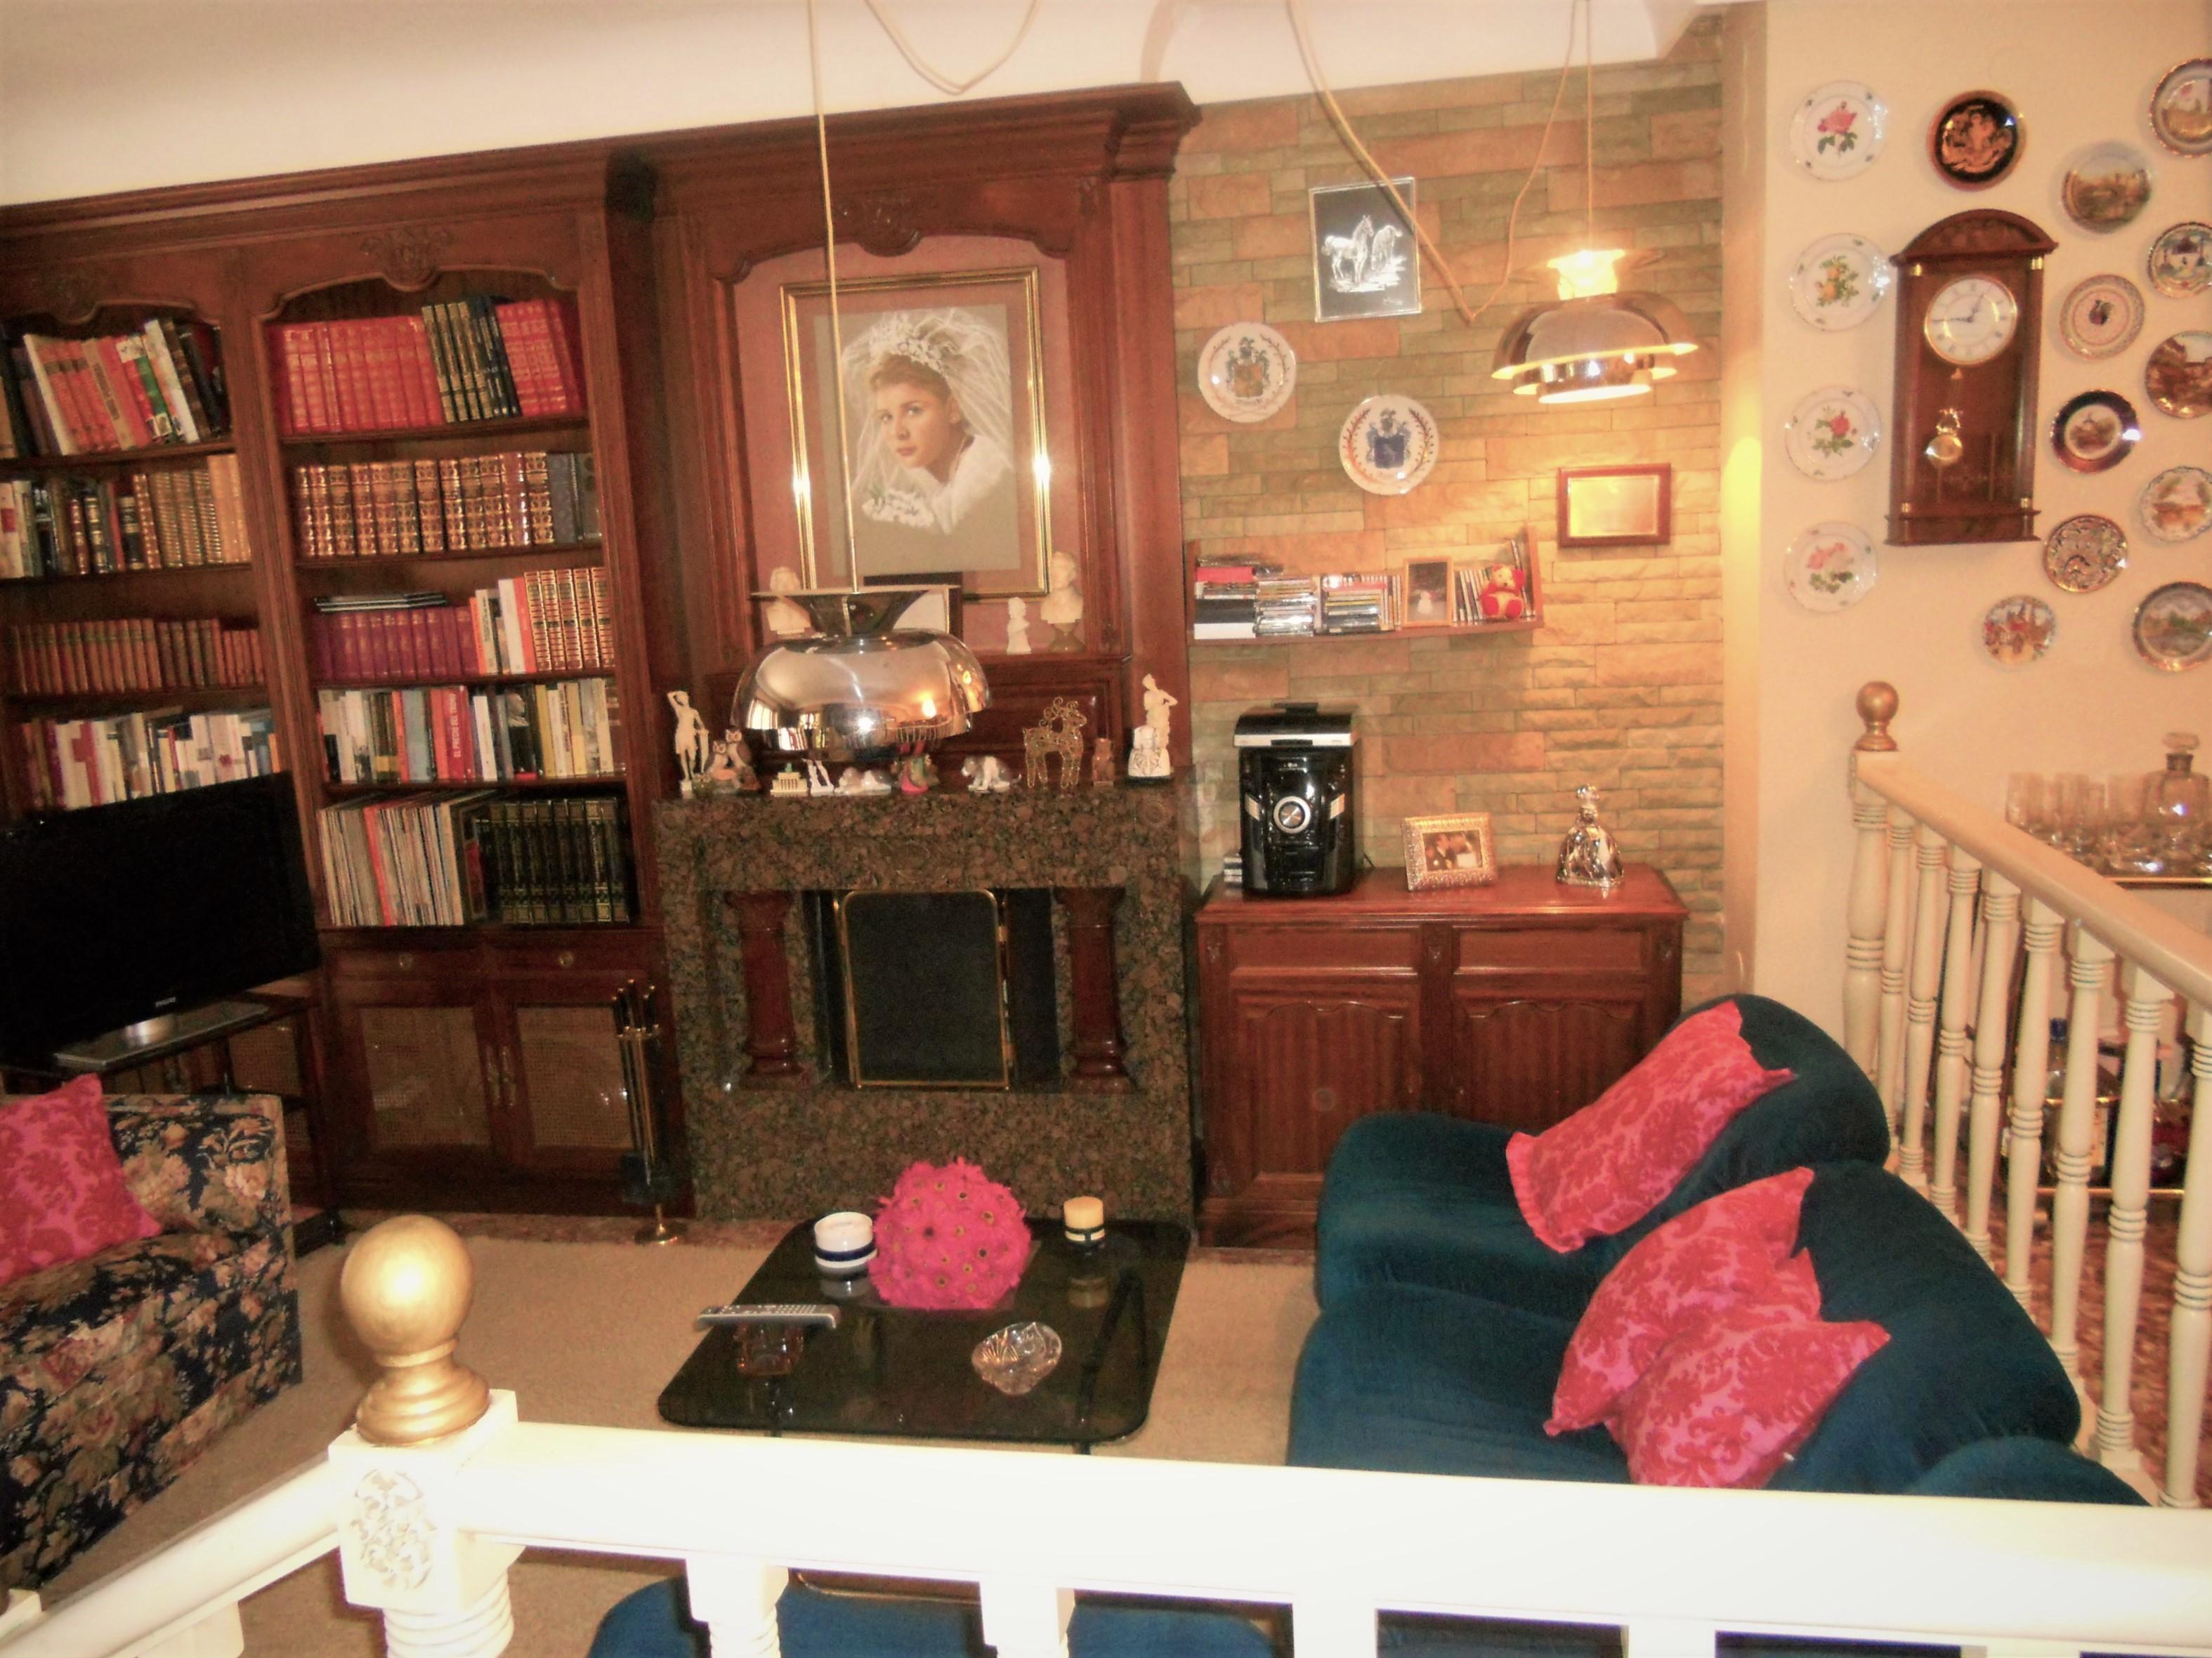 La cala del moral casa en venta ref 9044 asesor a mj - Maderas moral ...